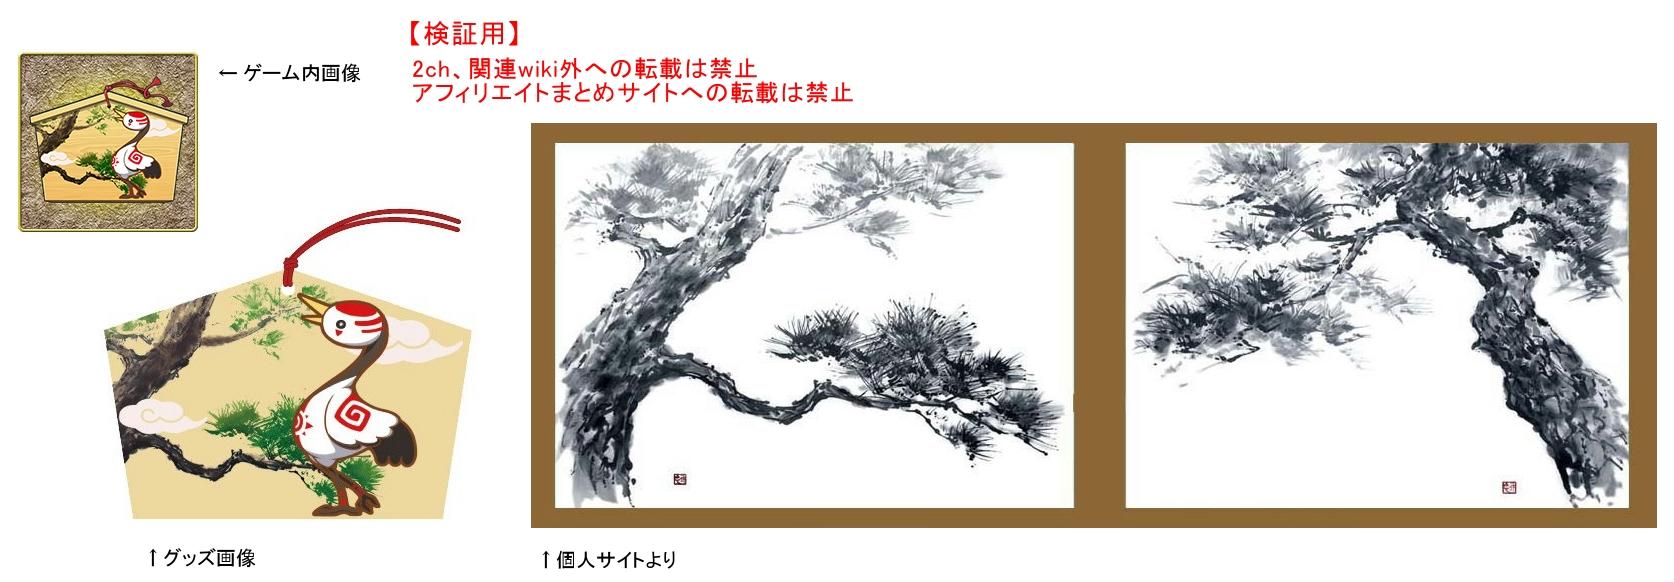 松絵馬.jpg